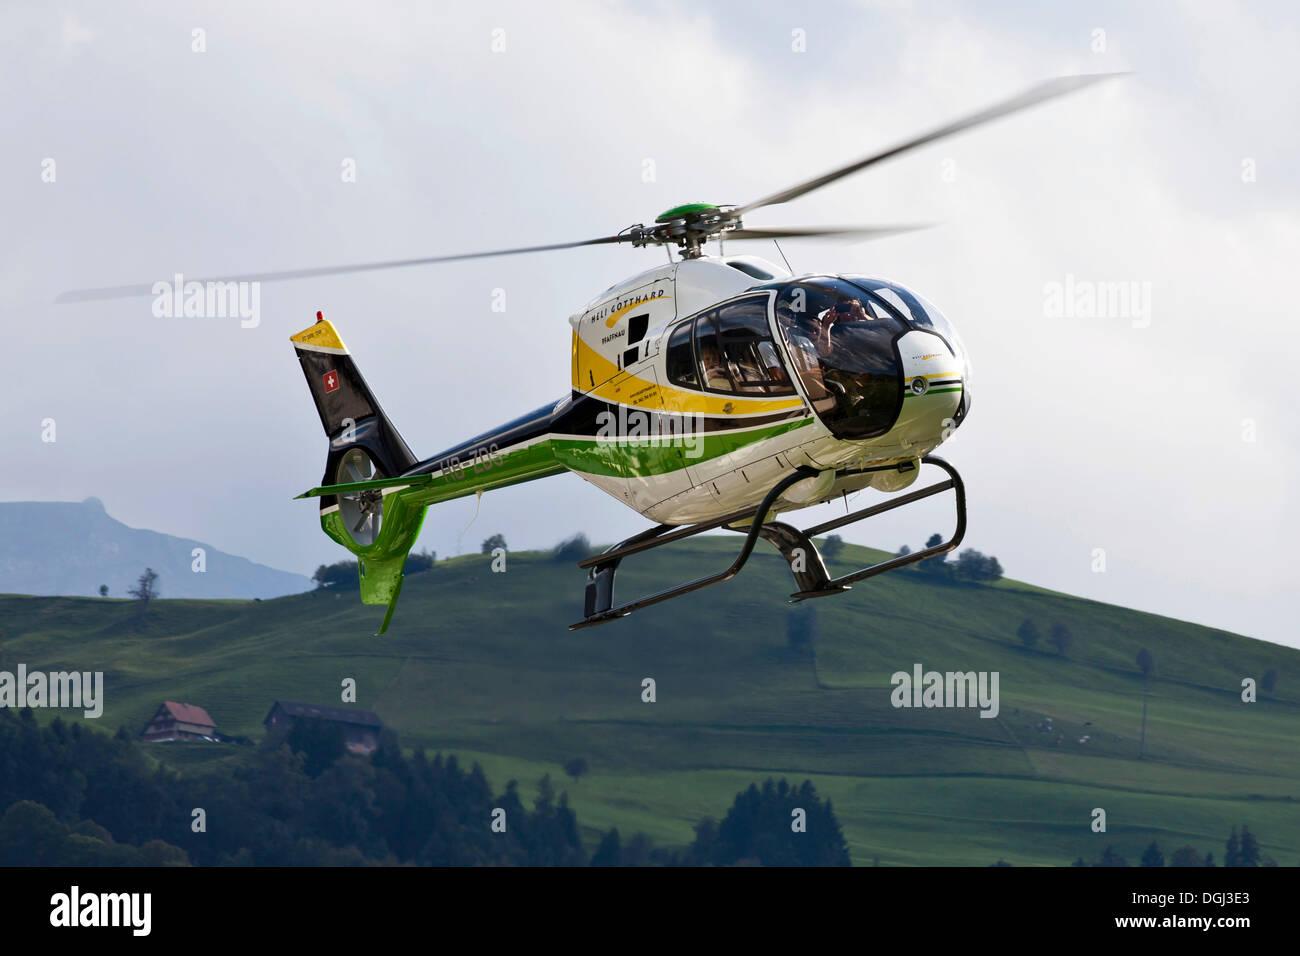 Helicopter by Heli Gotthard, Switzerland, Europe - Stock Image